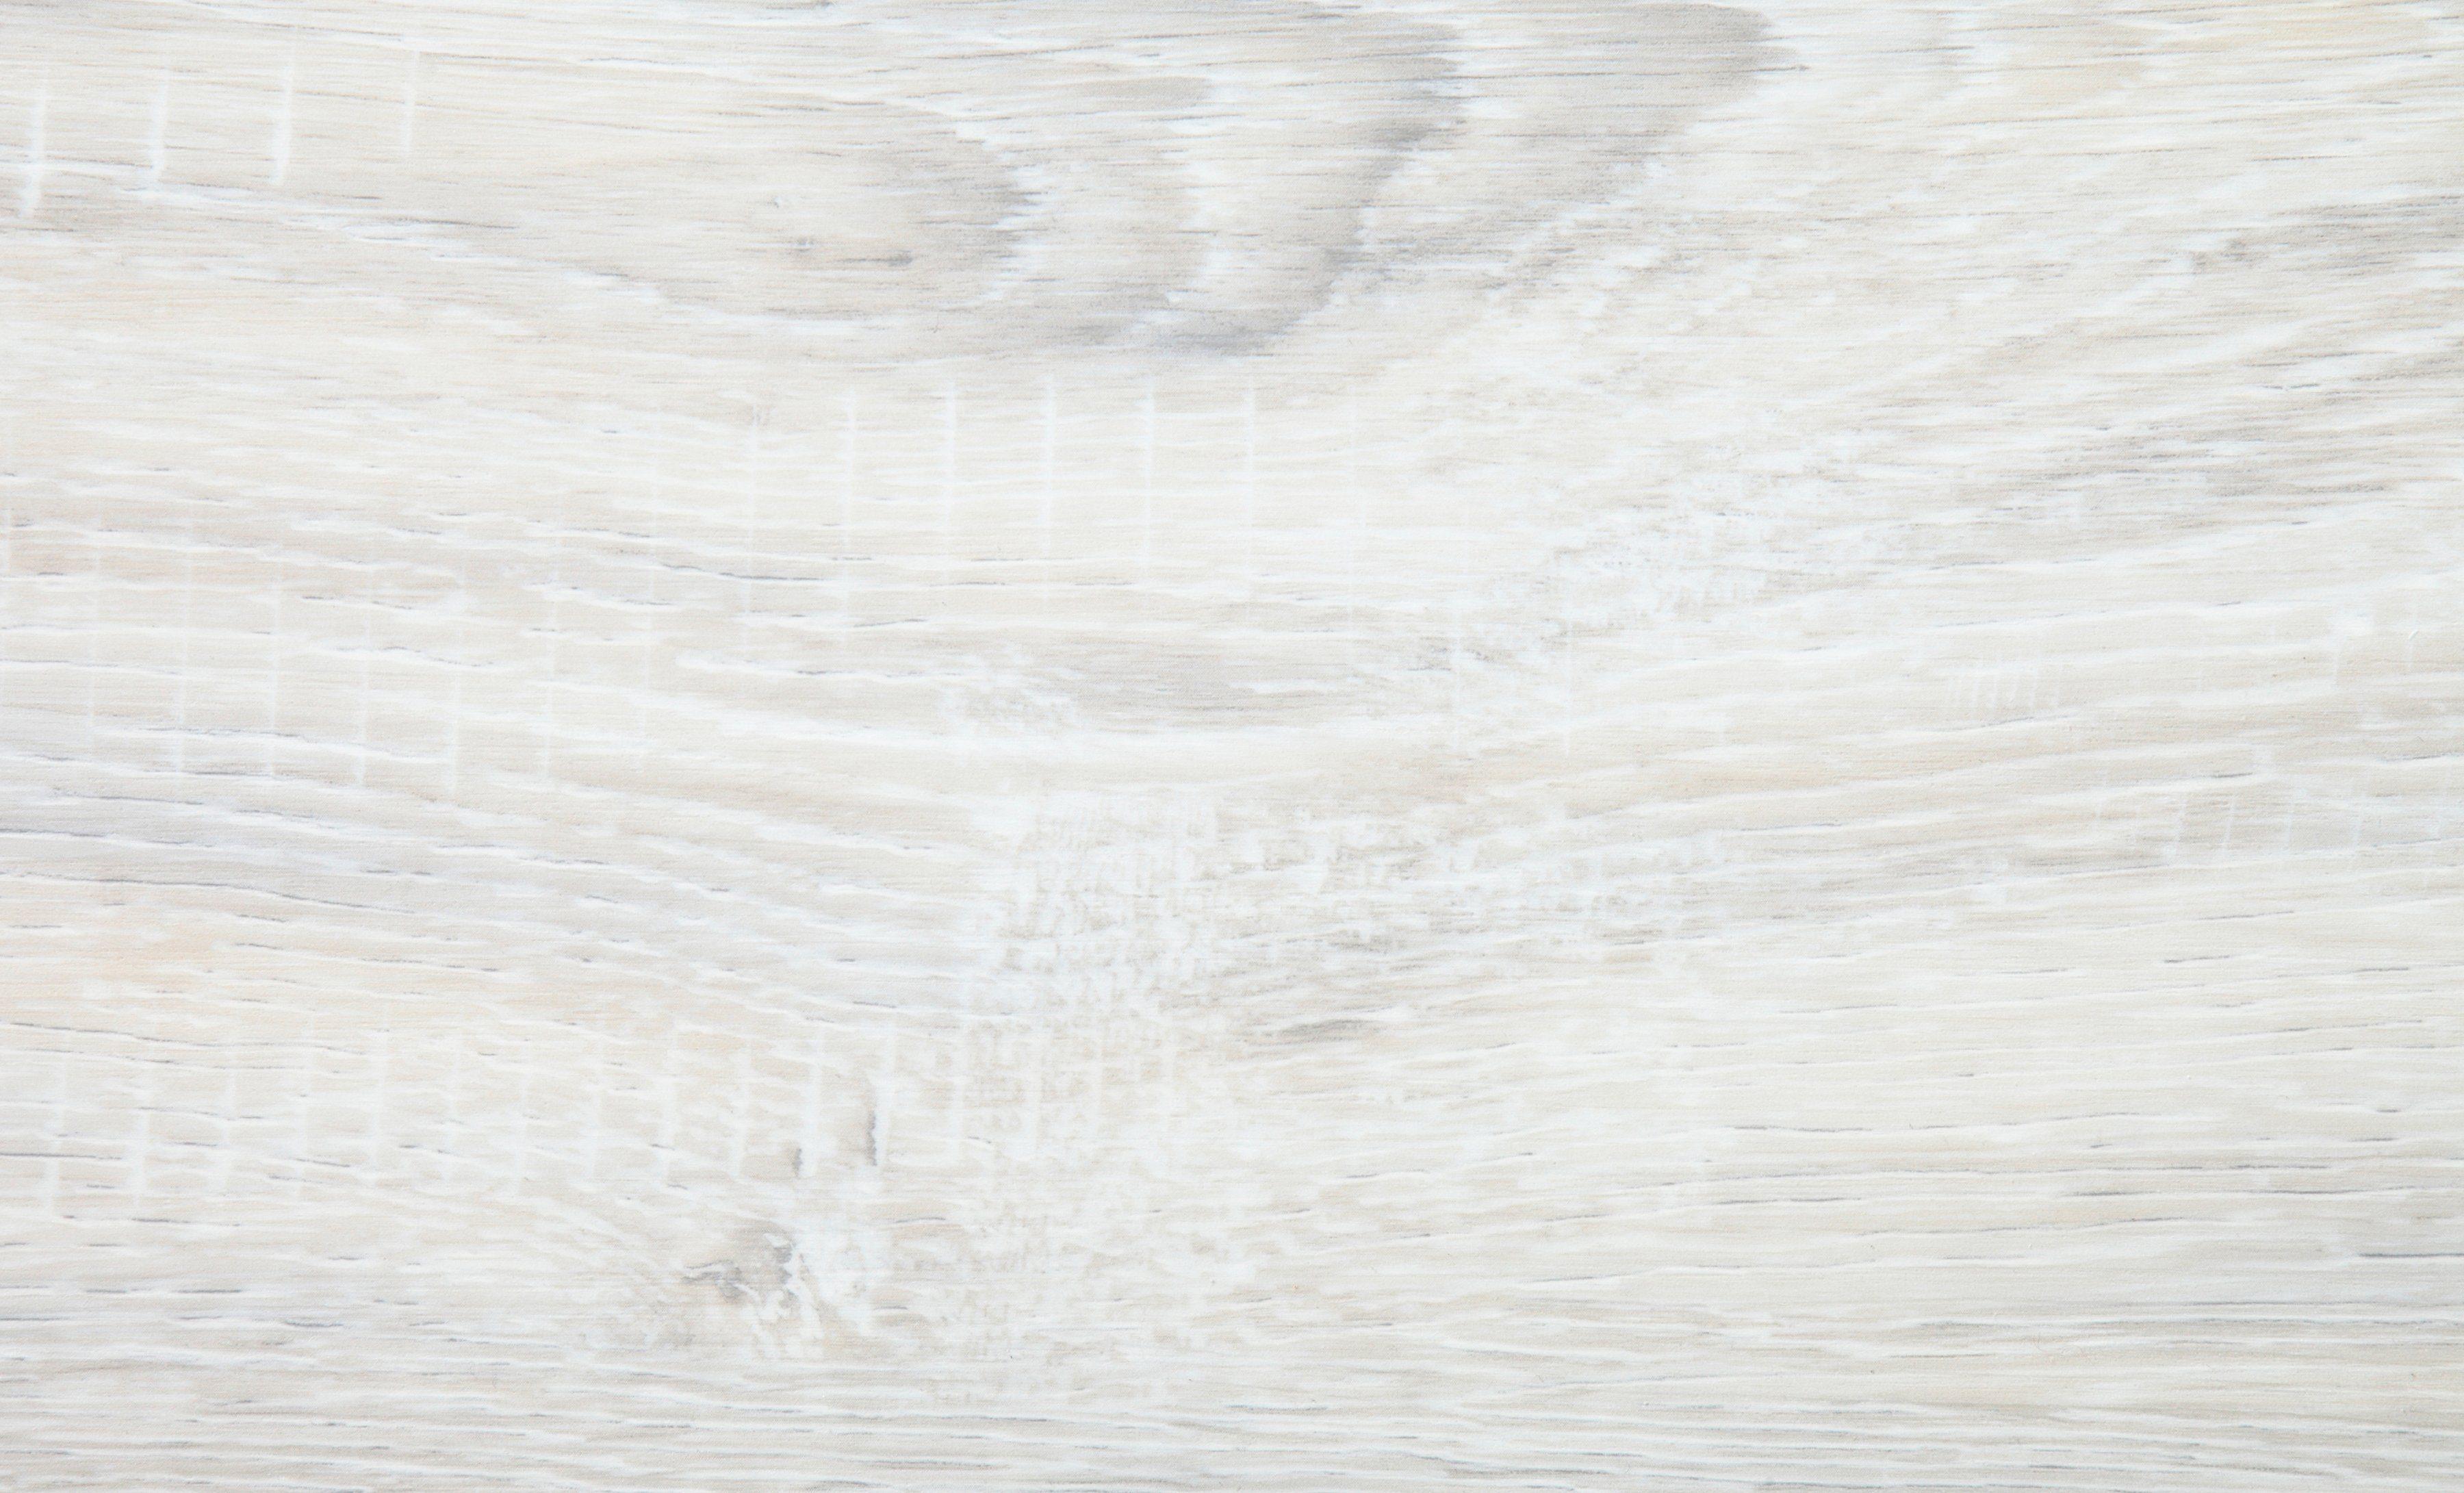 vinyl boden st rke 4 2 mm eiche wei nachbildung online. Black Bedroom Furniture Sets. Home Design Ideas